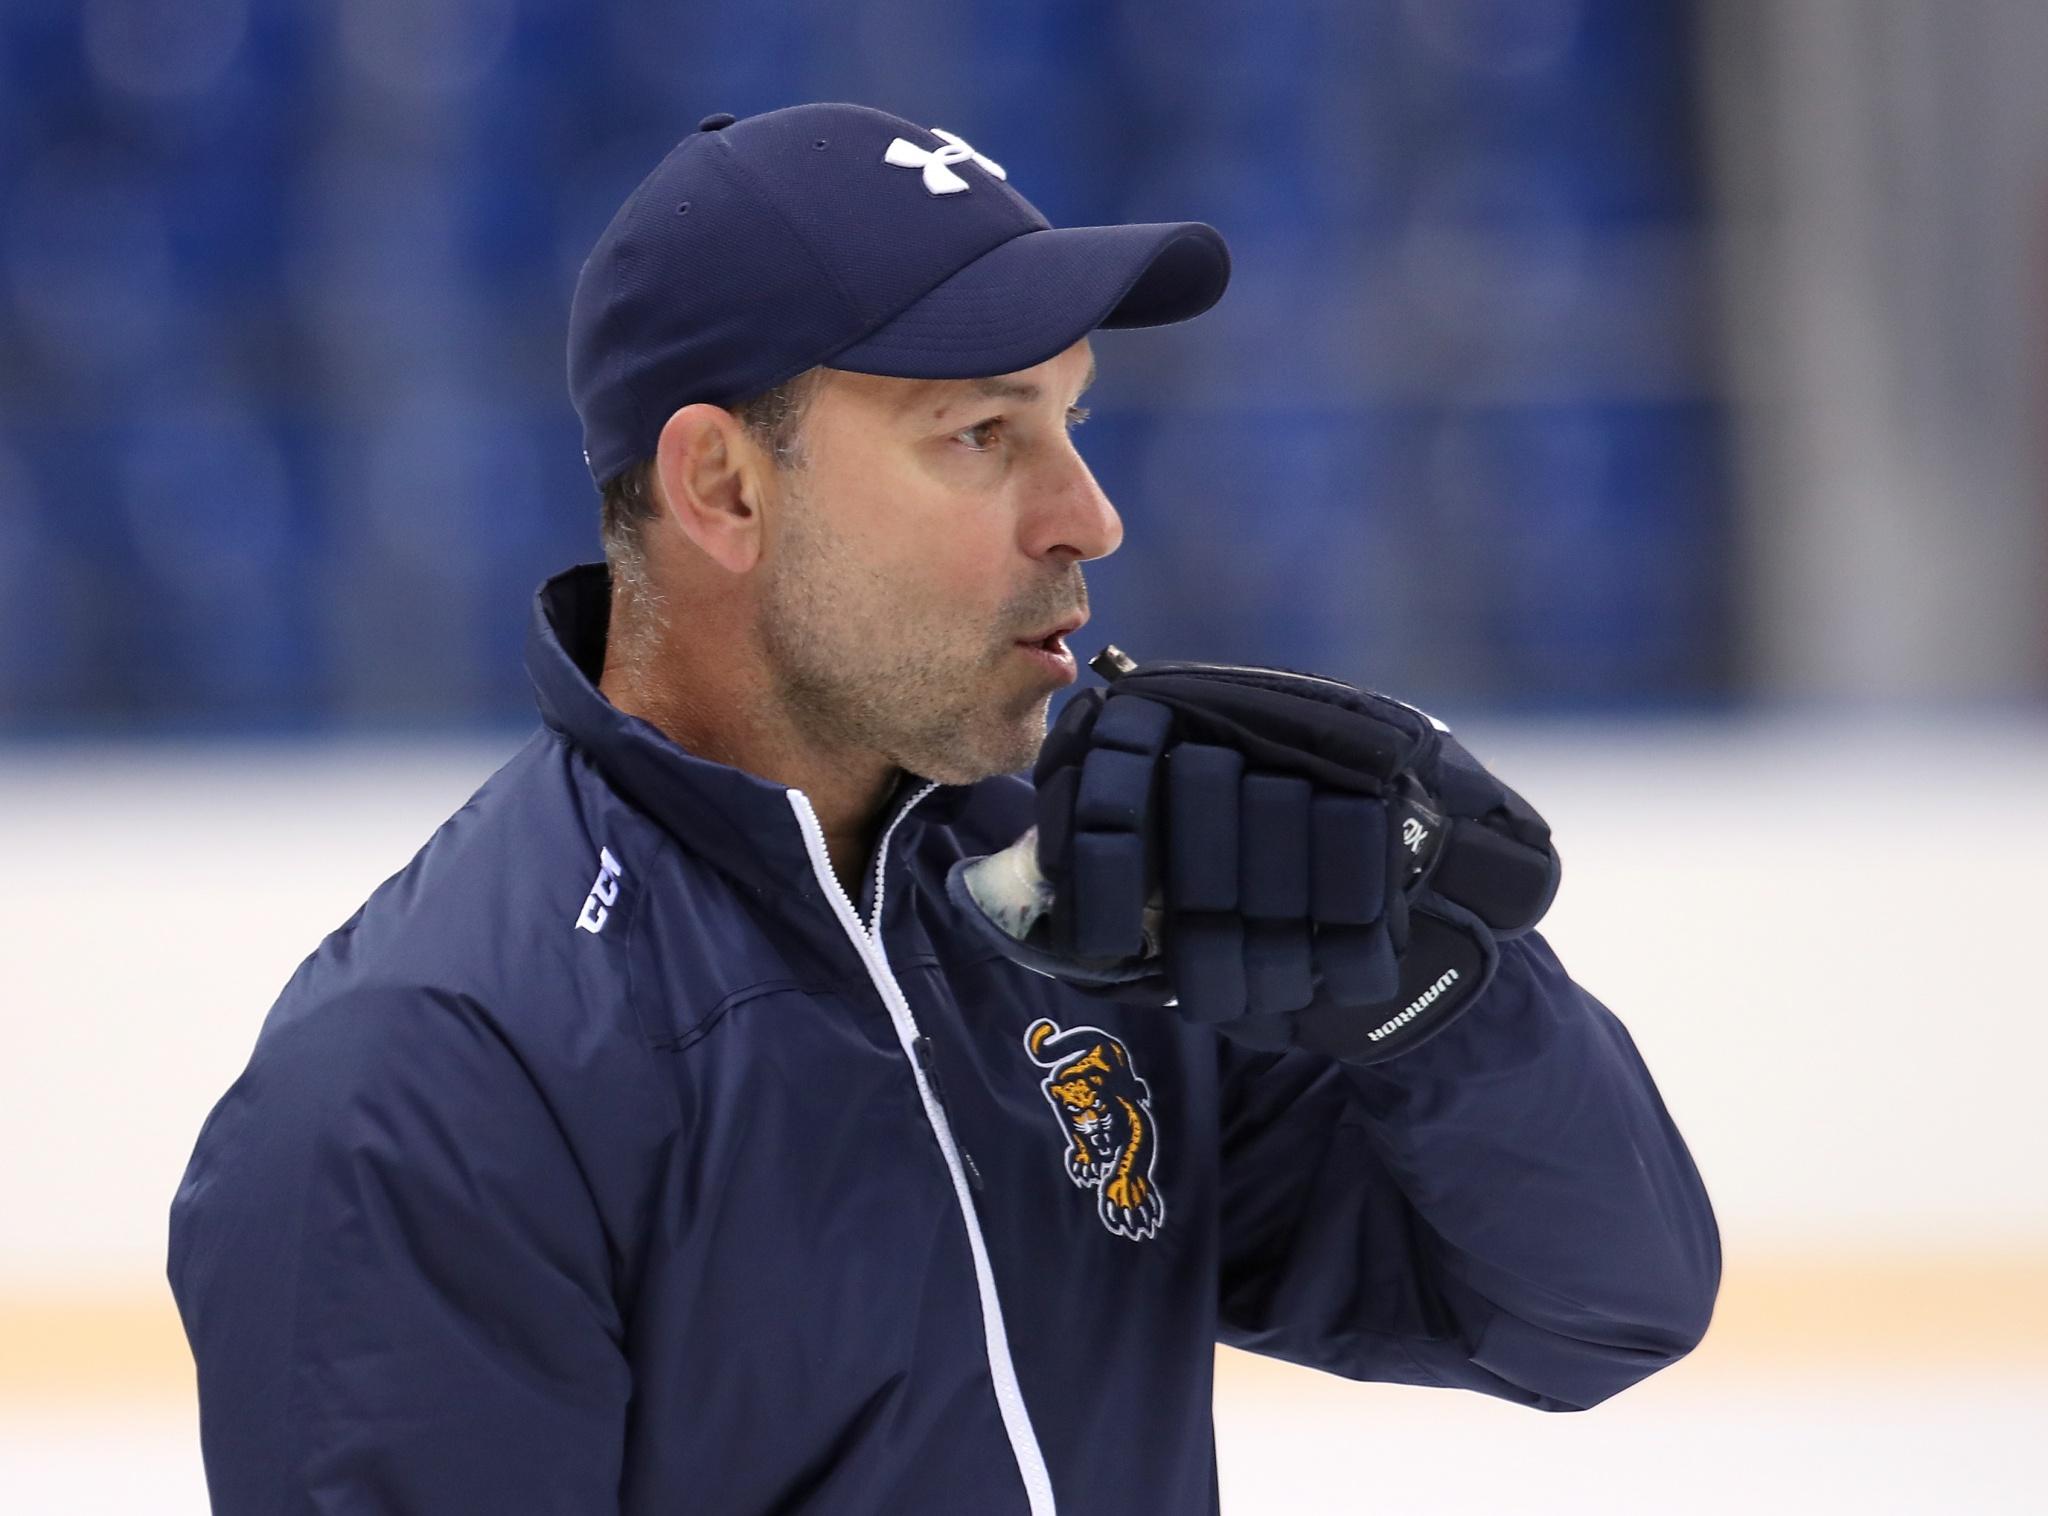 Сергей Зубов. Фото: Владимир Беззубов